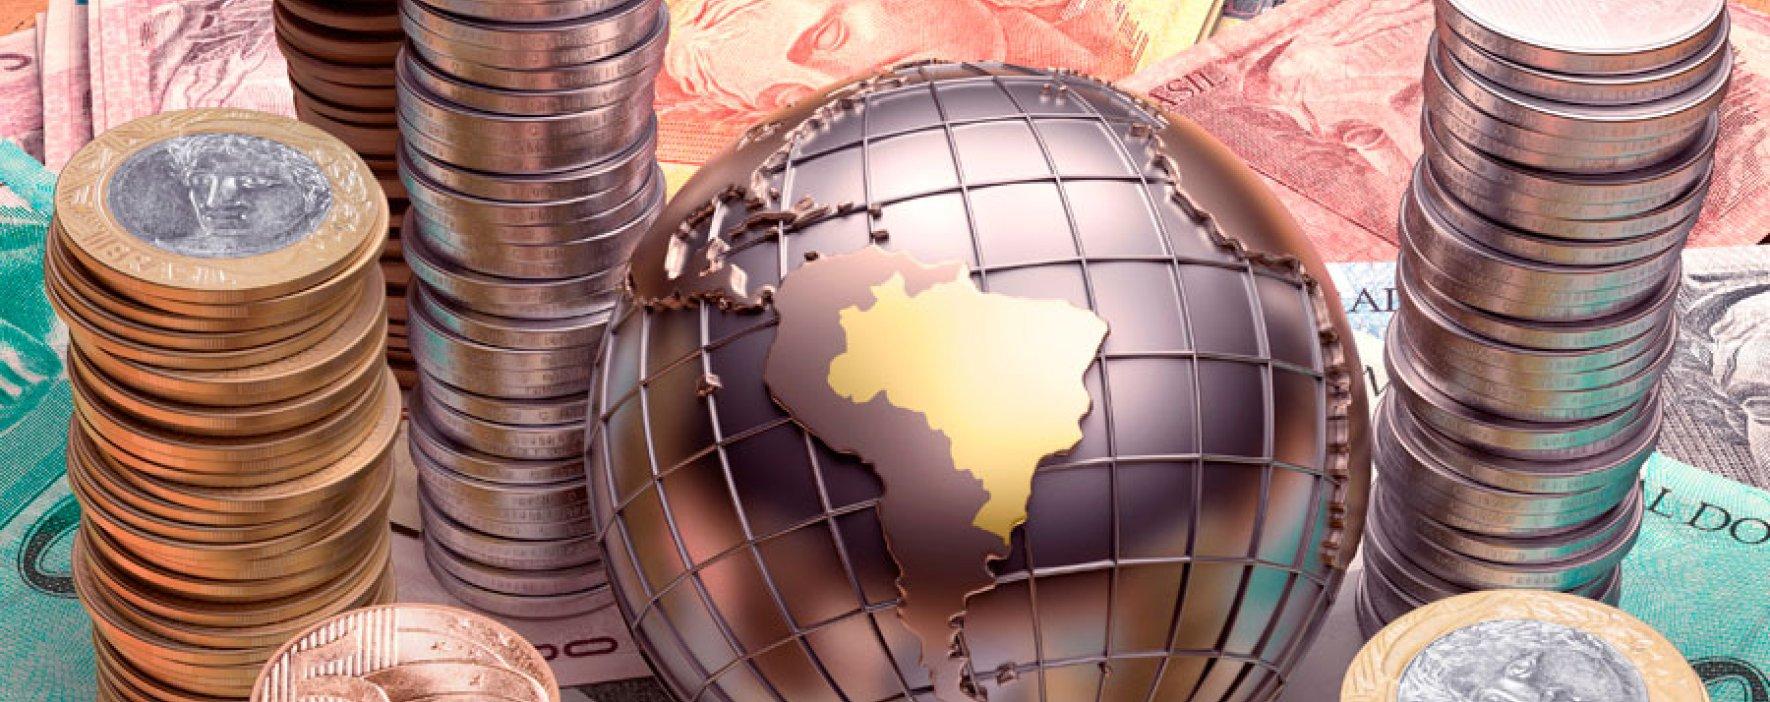 Líderes sociales harán parte del Foro Económico Mundial